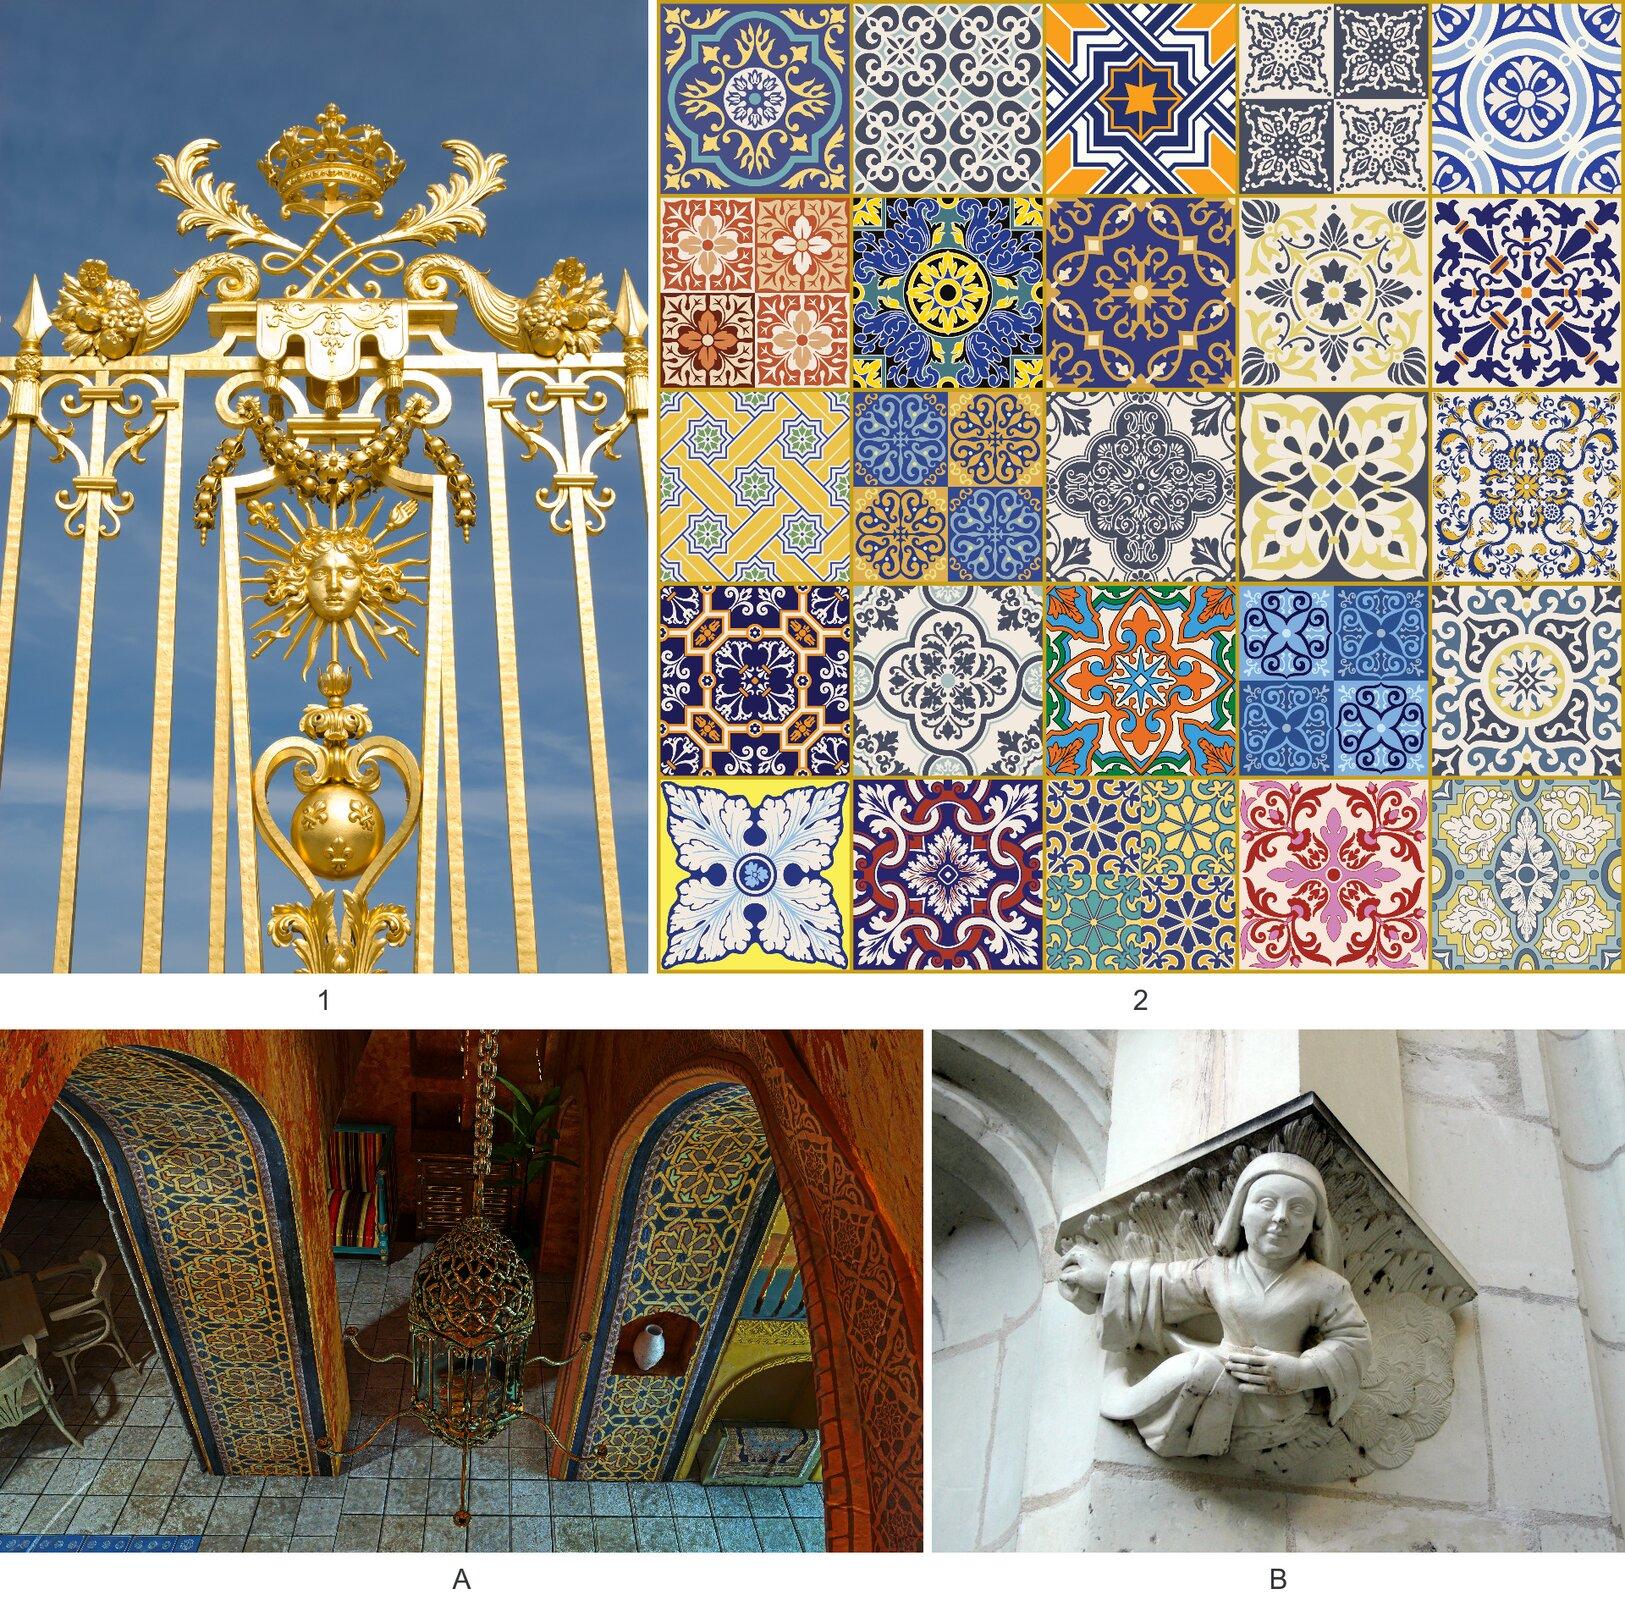 Ilustracja przedstawia cztery fotografie 1. bogato zdobiona złota brama 2. kolorowe kwadratowe płytki oróżnych wzorach 3. Widok na salę zgóry na której znajdują się płytki. Łuki ścienne ozdobione są kolorowymi płytkami. 4. Ornament przedstawiający dziecko. Ornament zamontowany jest na ścianie.